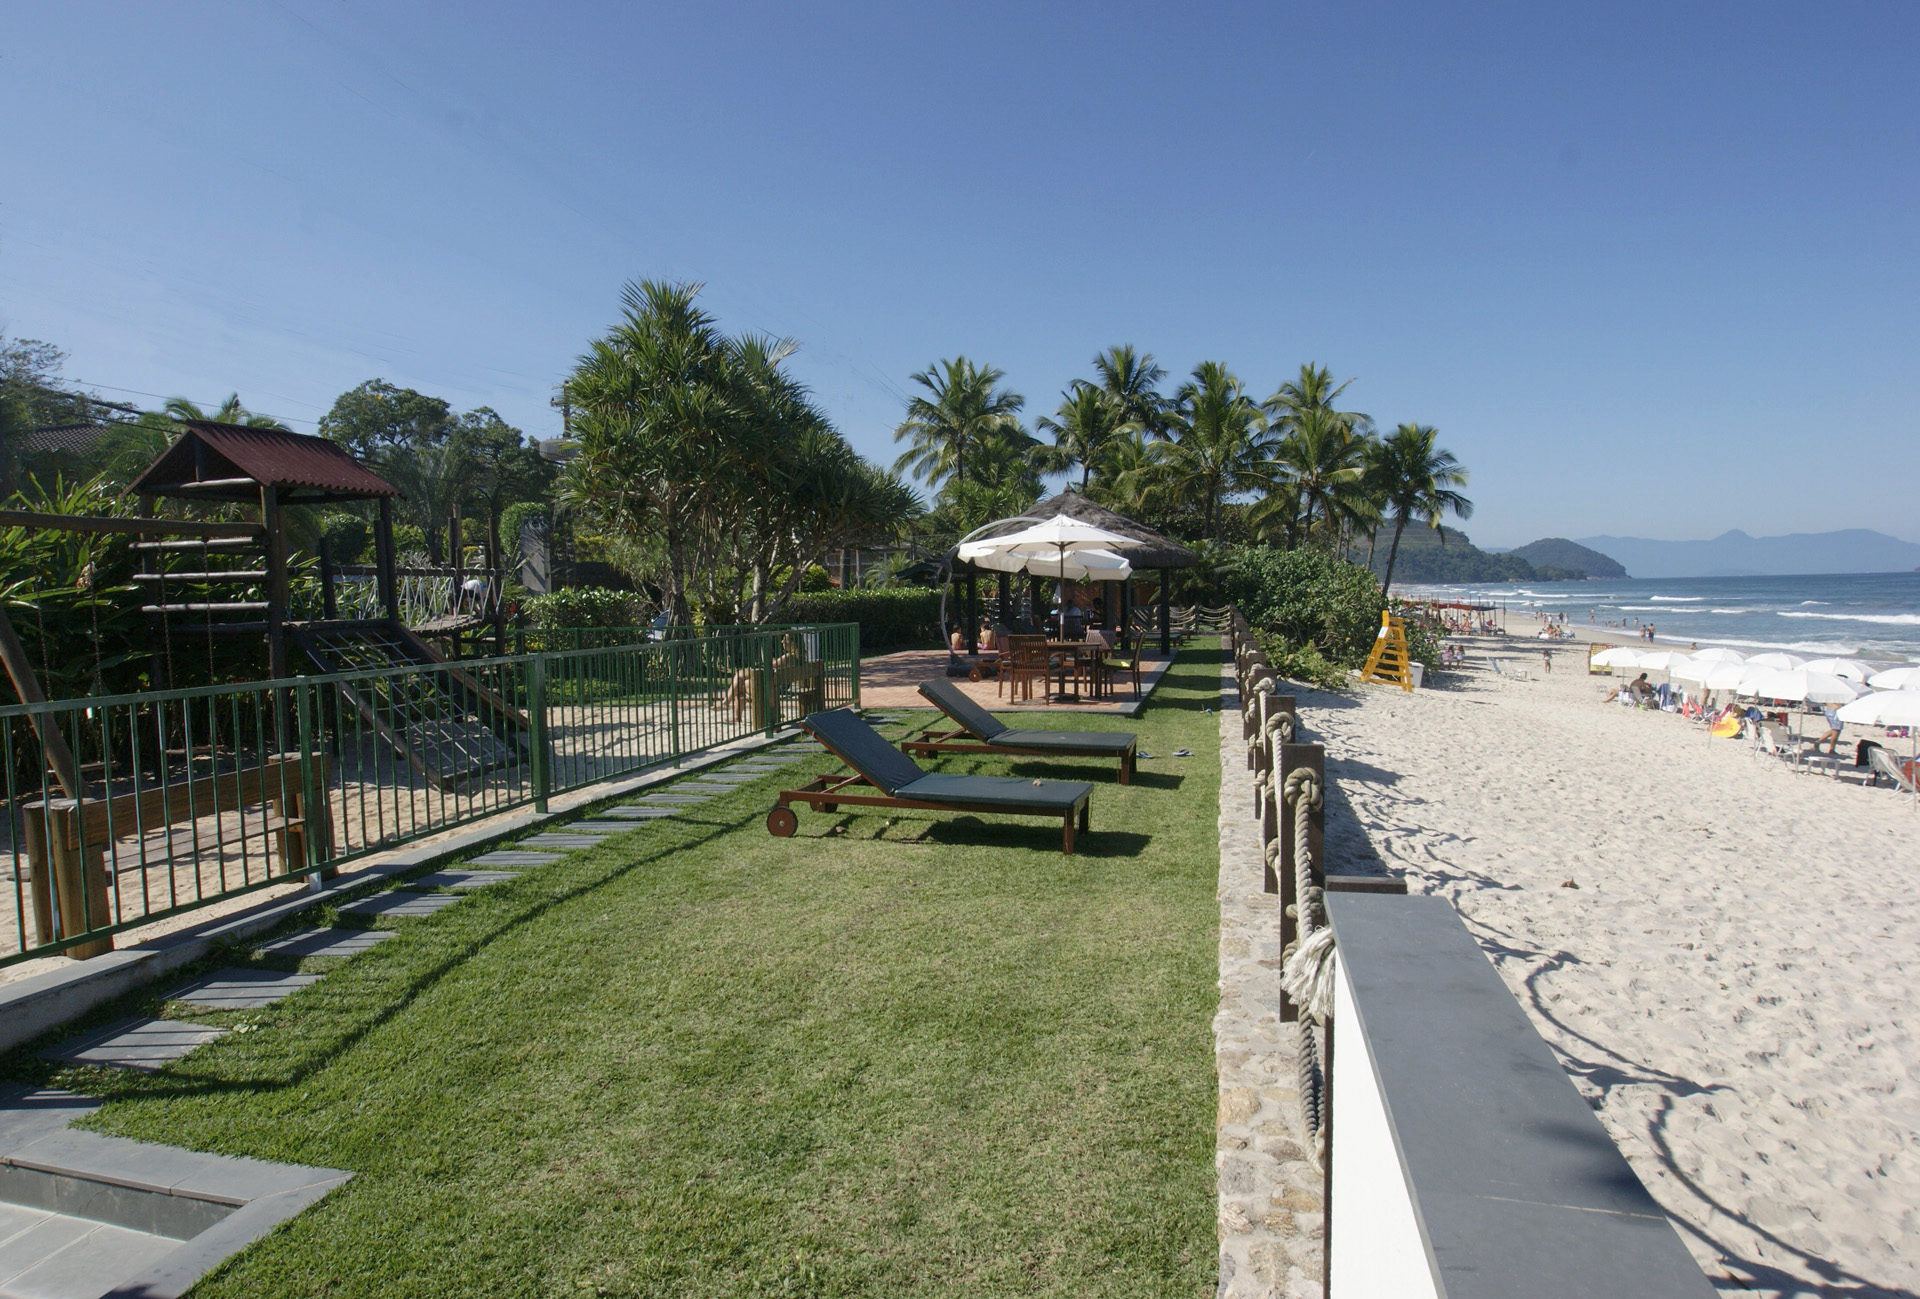 Jardim / Deck Frente ao Mar